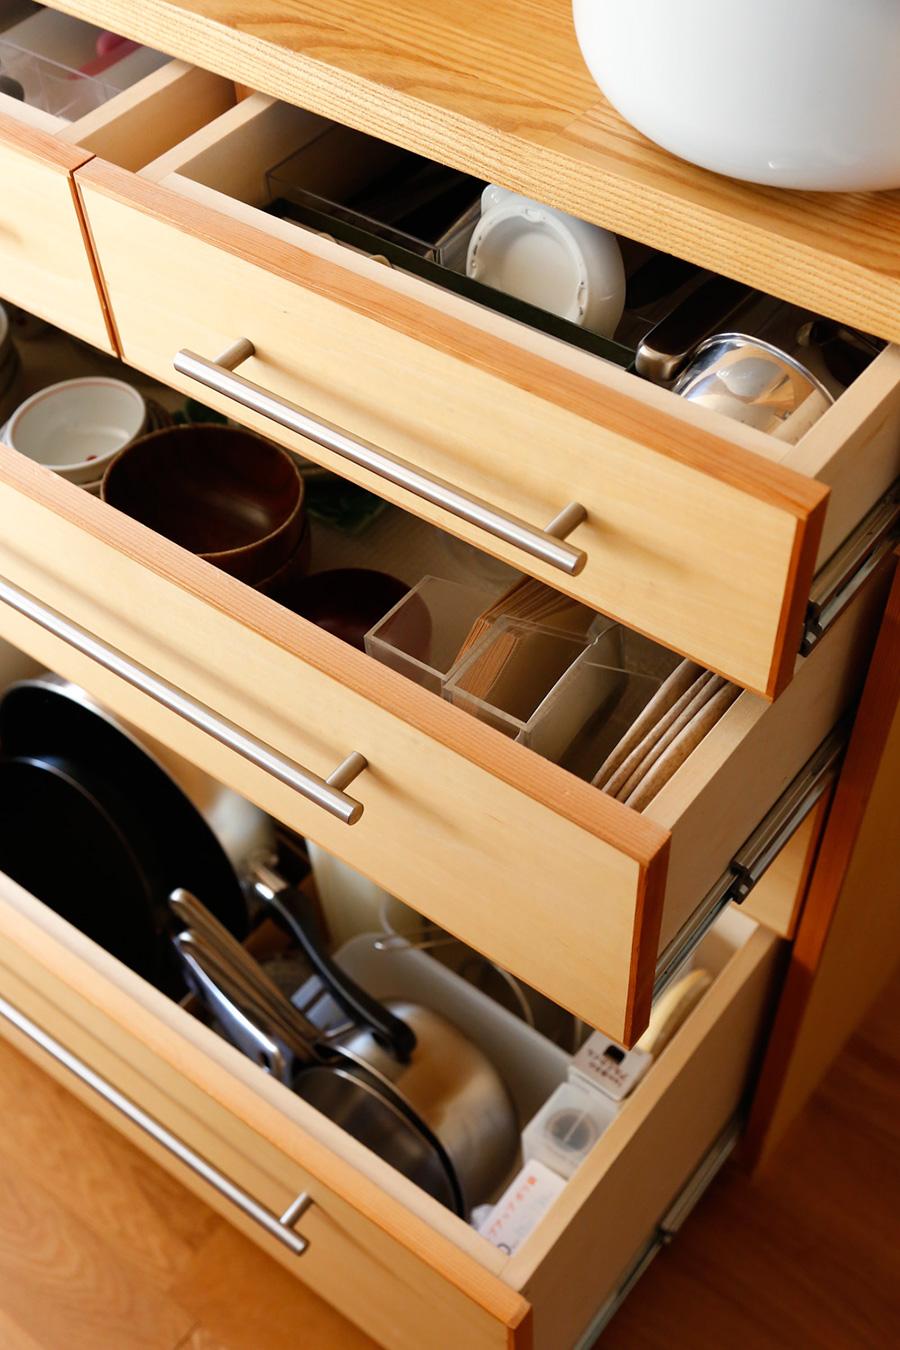 ダイニングテーブルに近い位置には、お箸やフォークなどを収納。下段のフライパンや鍋は、縦に入れることで取り出しやすくしている。